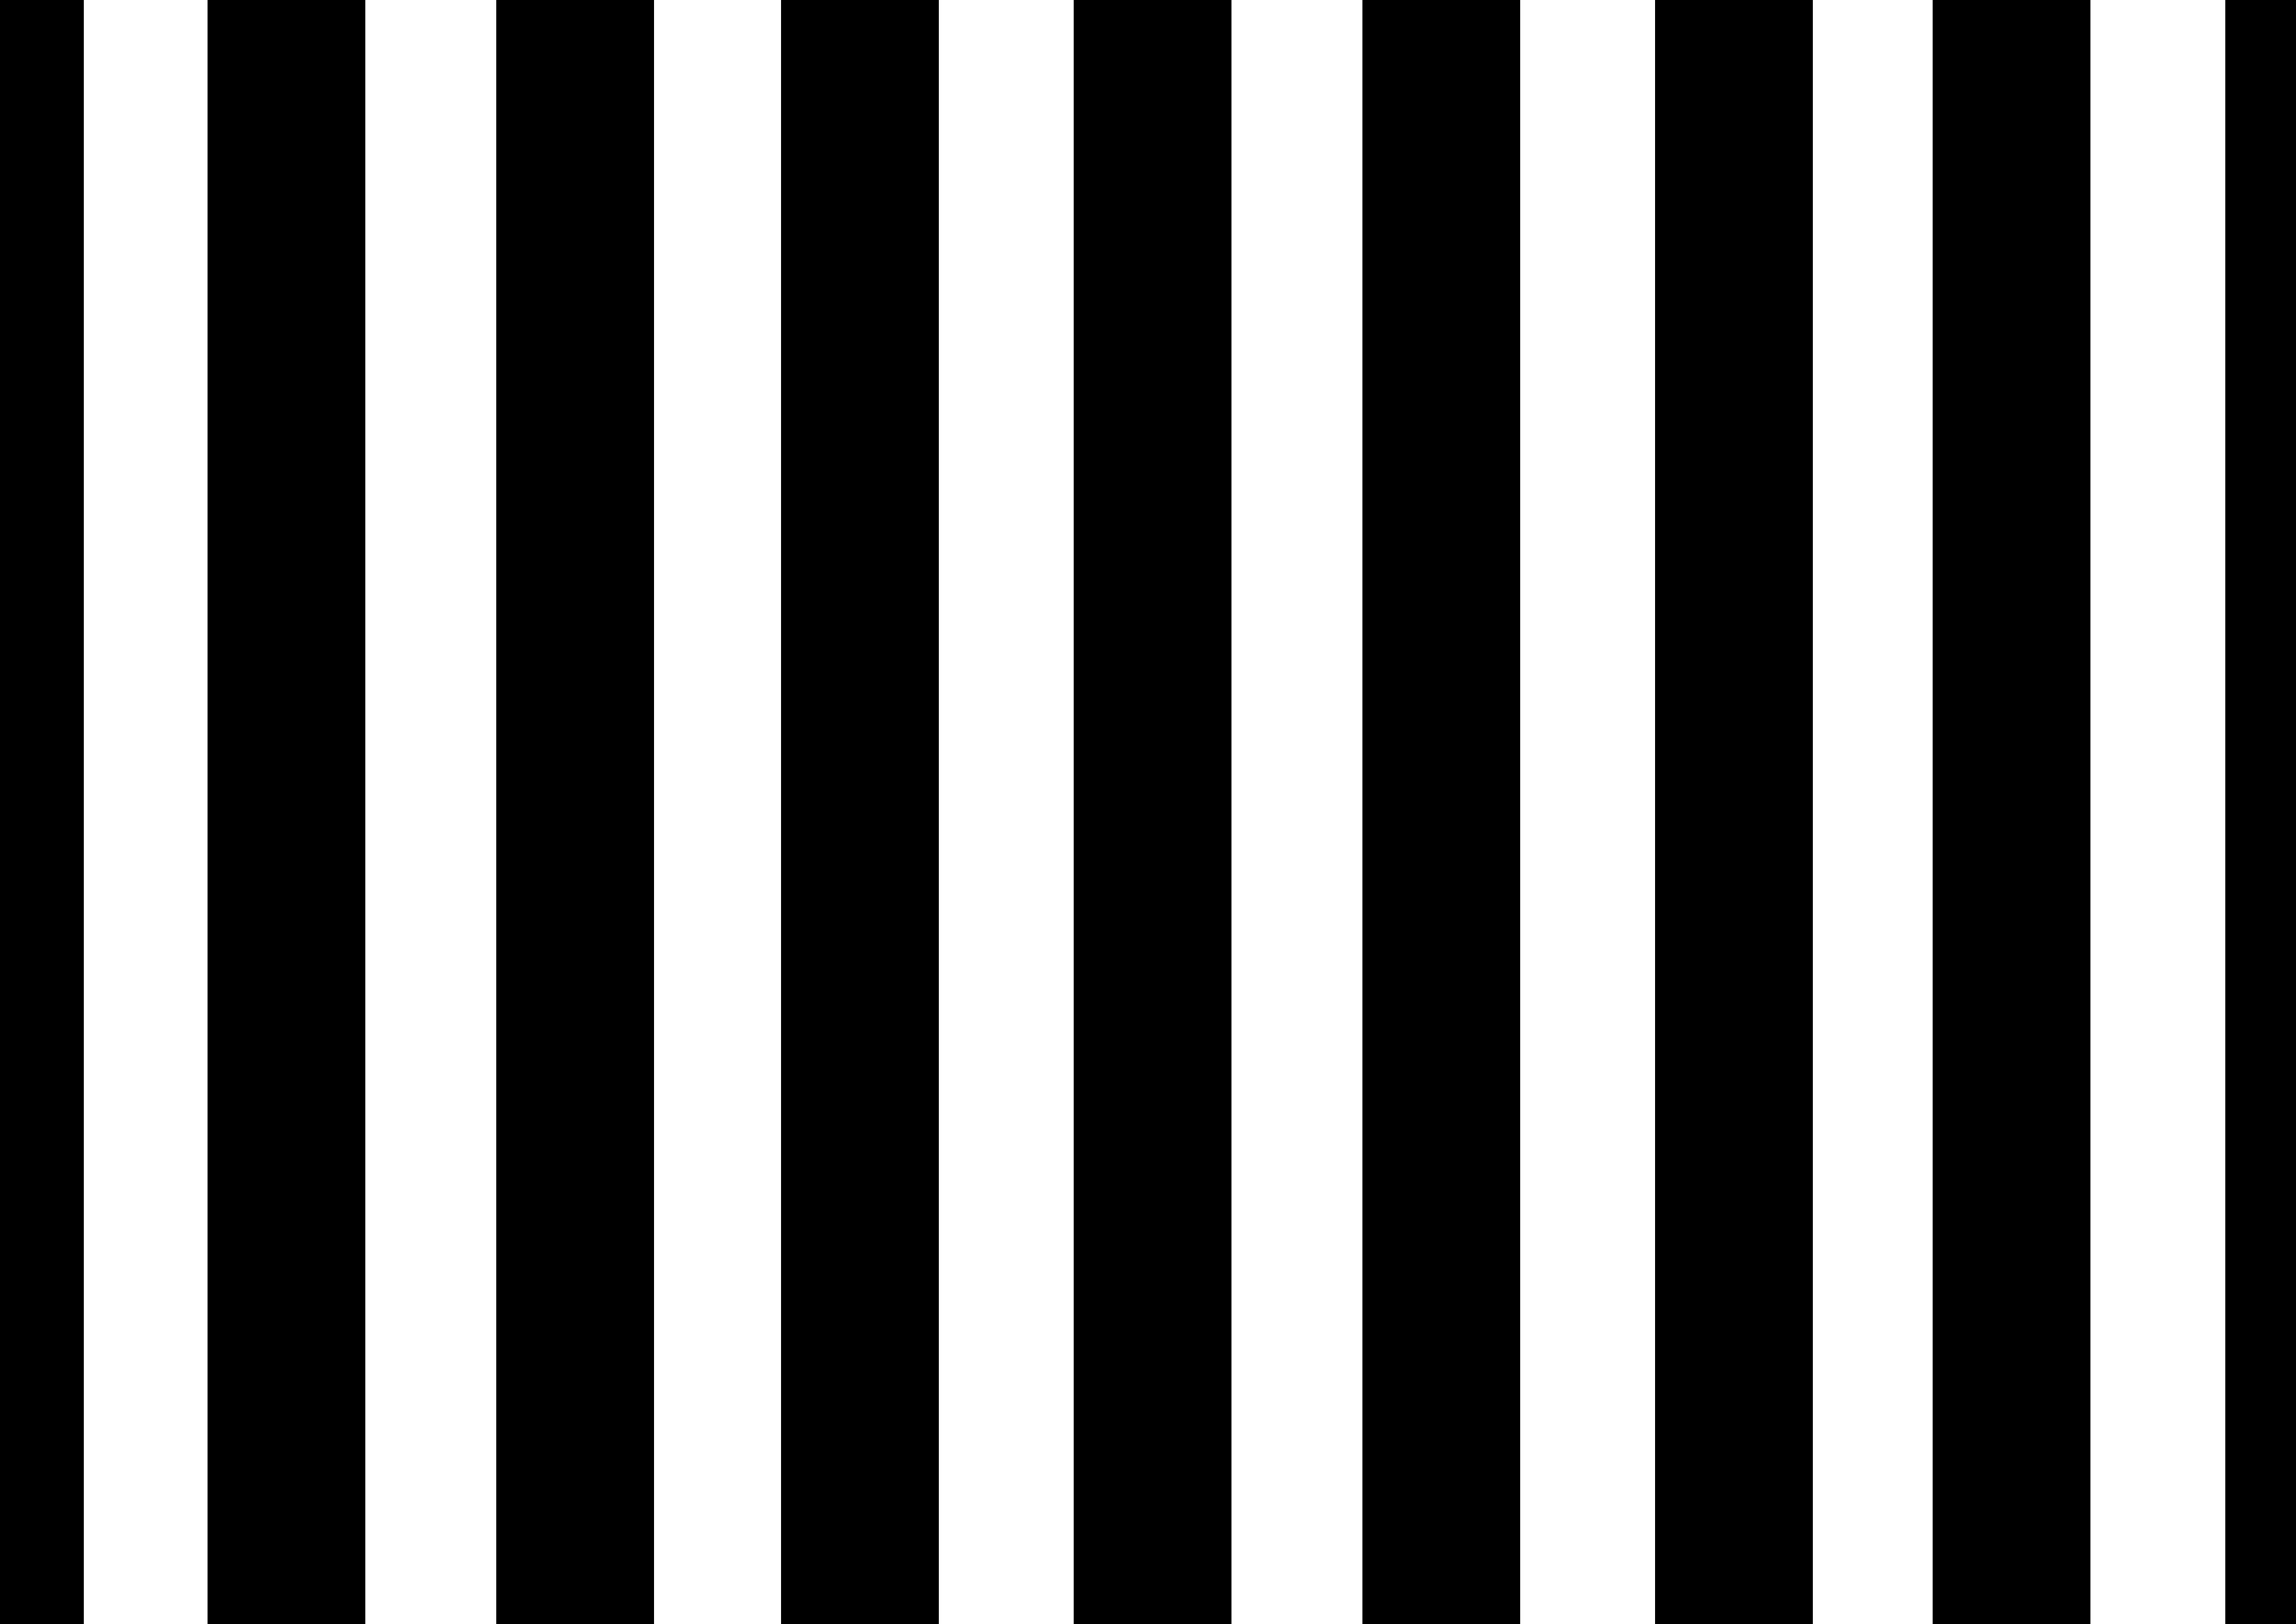 manifesto preto e branco leitor cabuloso